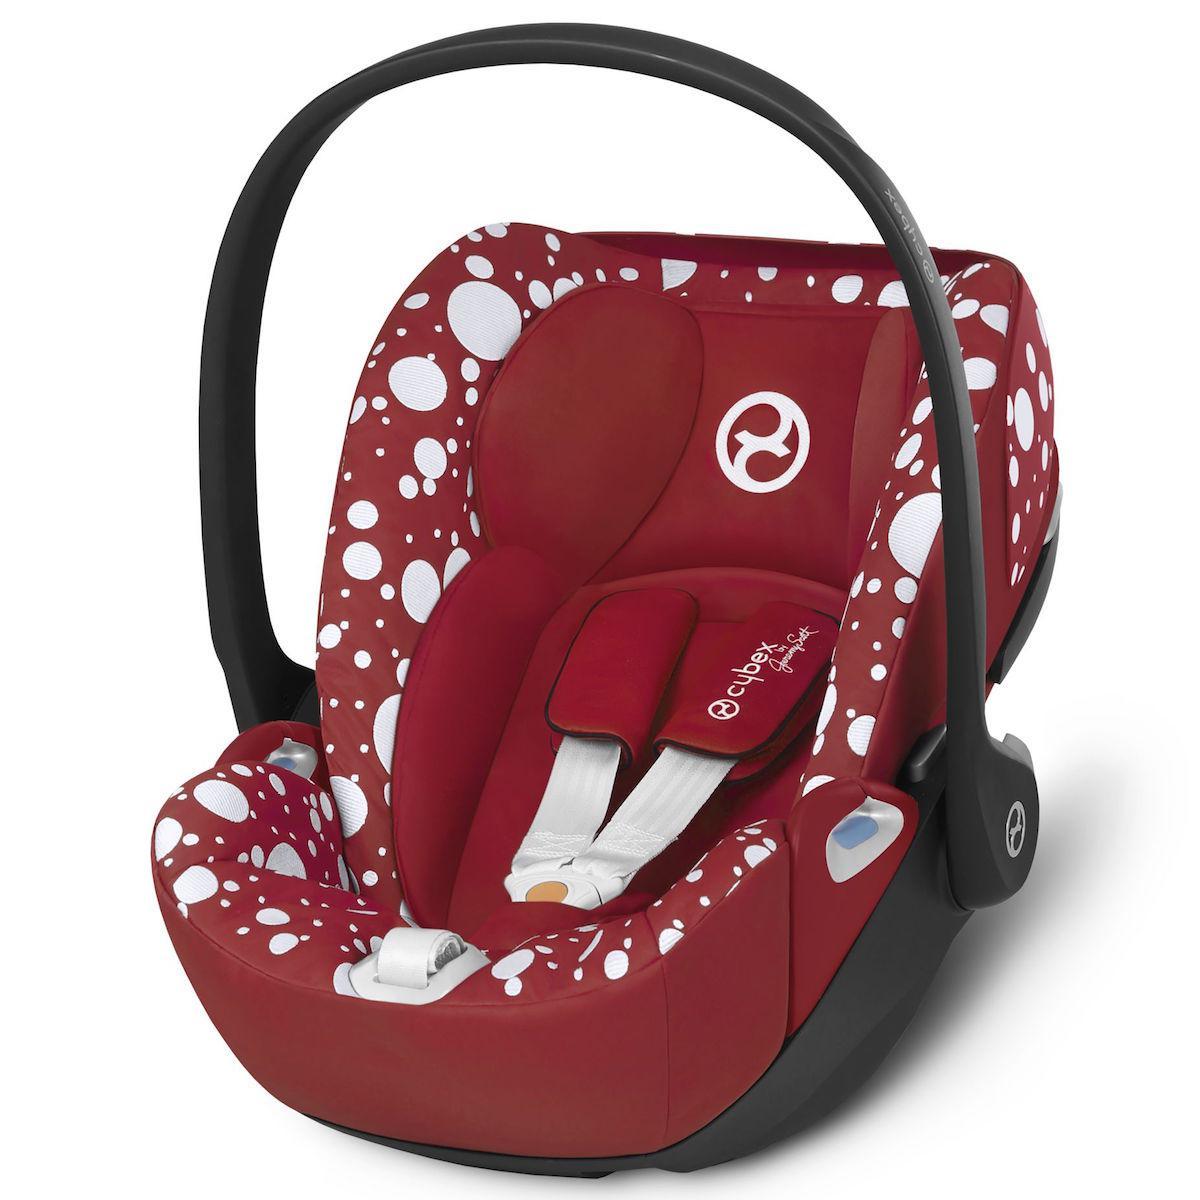 Siège auto gr0+ CLOUD Z I-SIZE Cybex Petticoat Red Cybex dark red